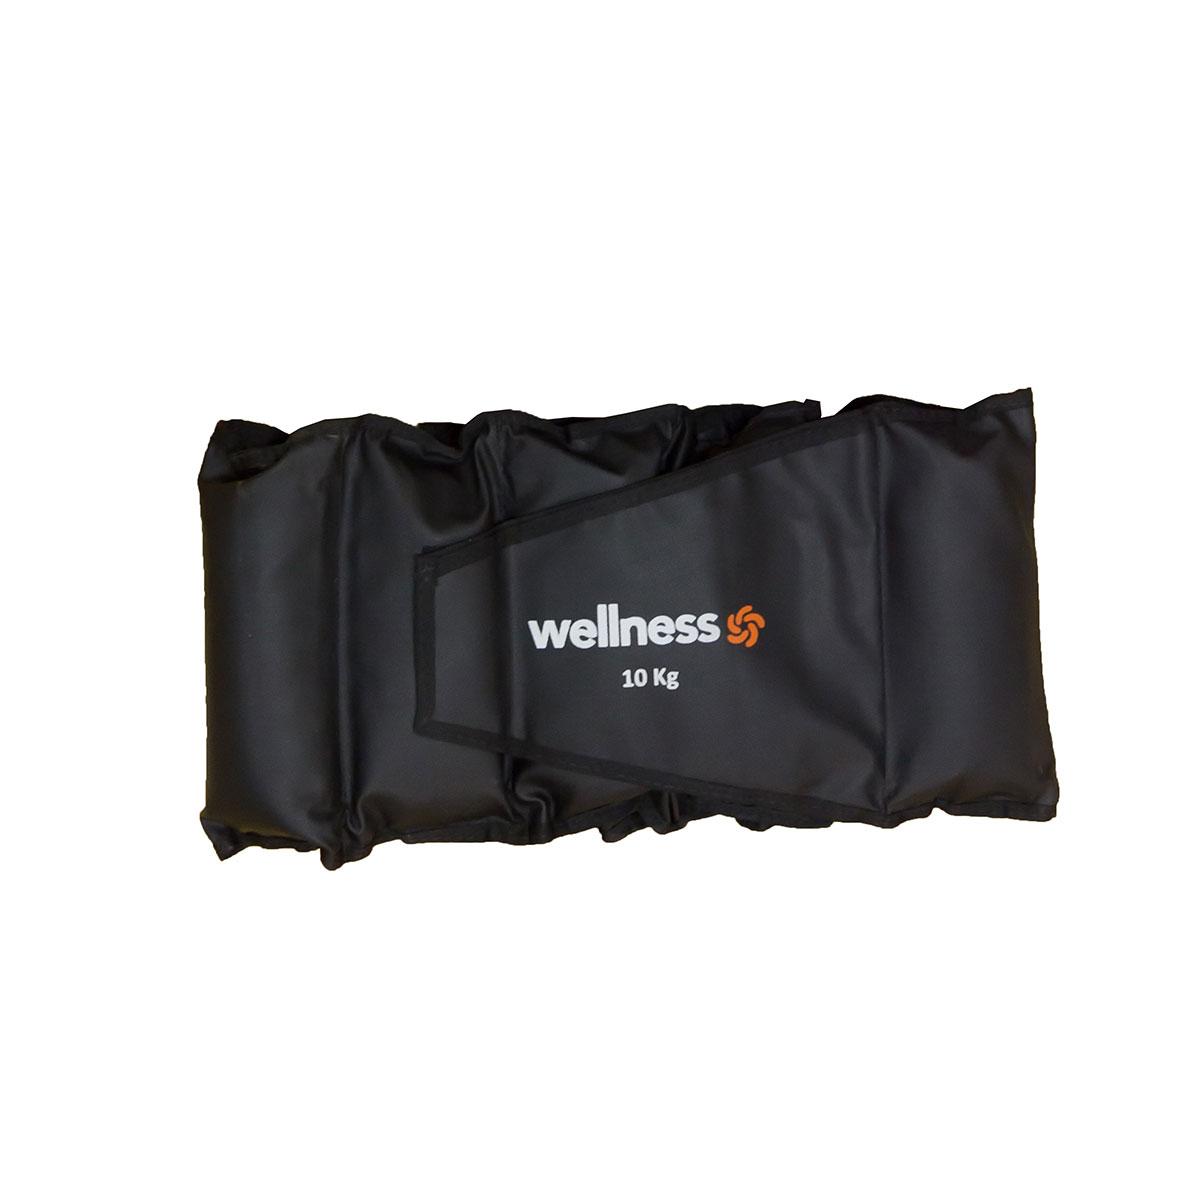 Caneleira 10Kg Wellness